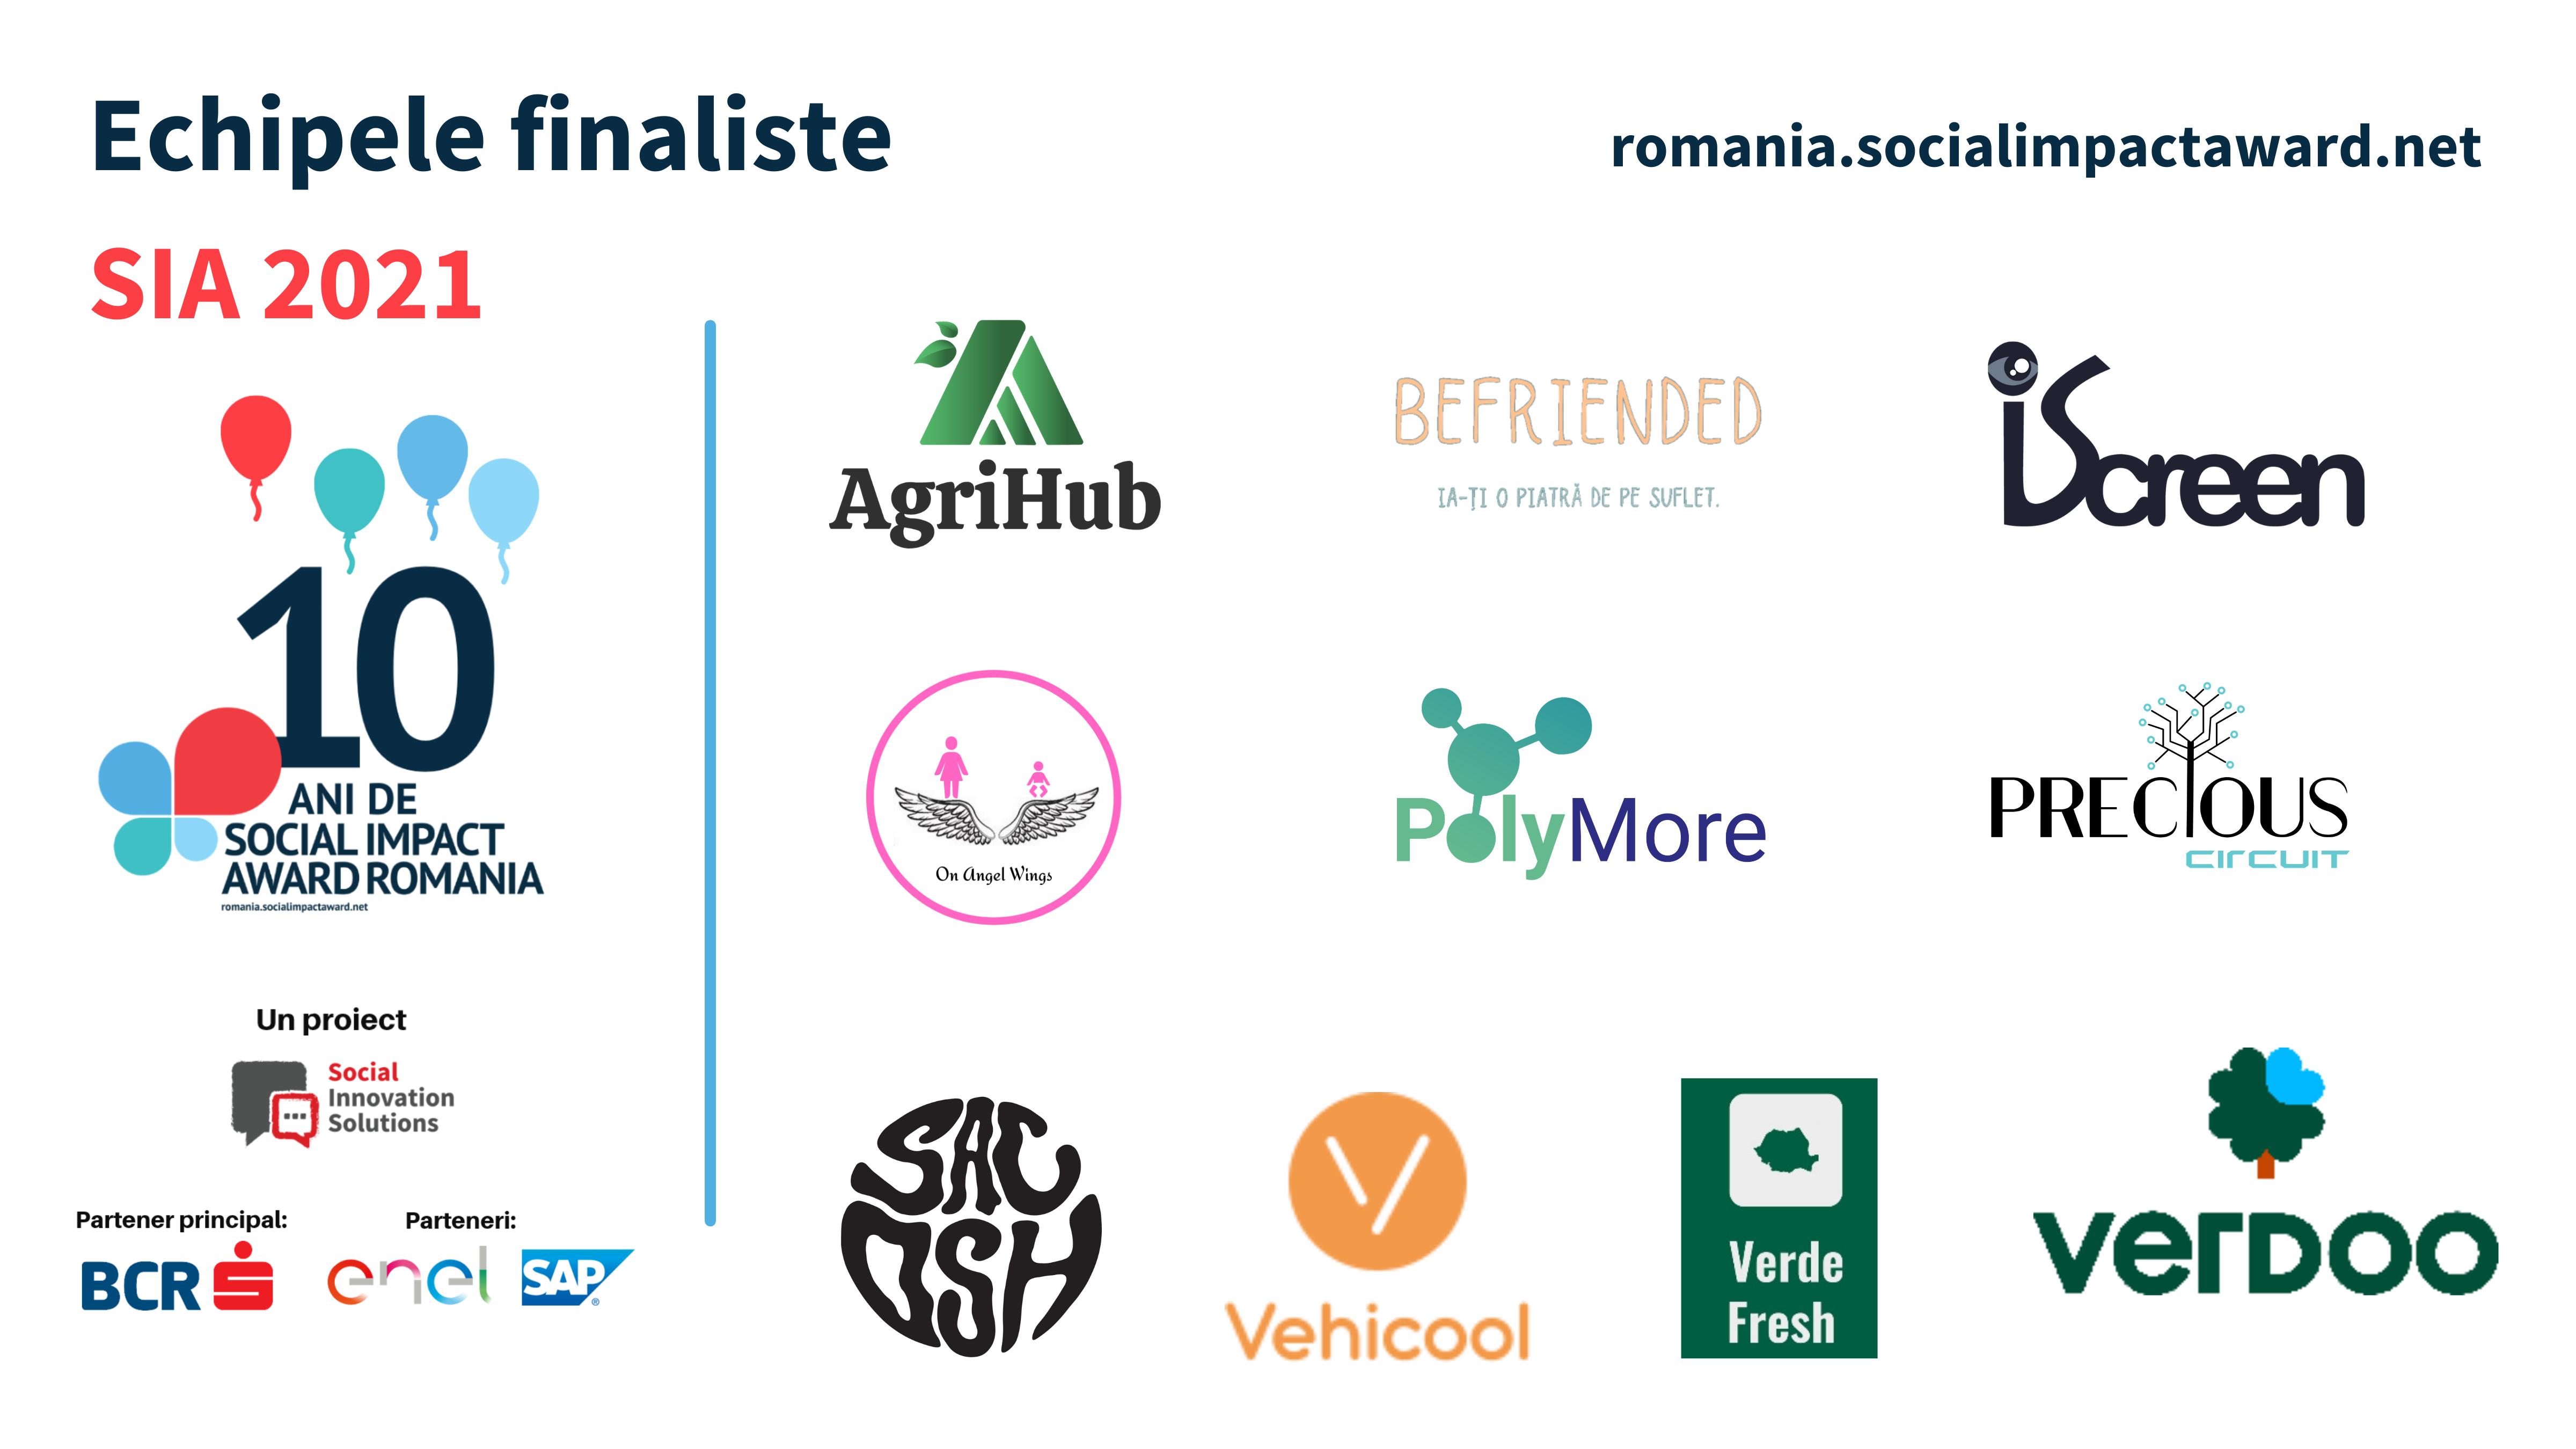 10 echipe finaliste intră în incubatorul Social Impact Award 2021